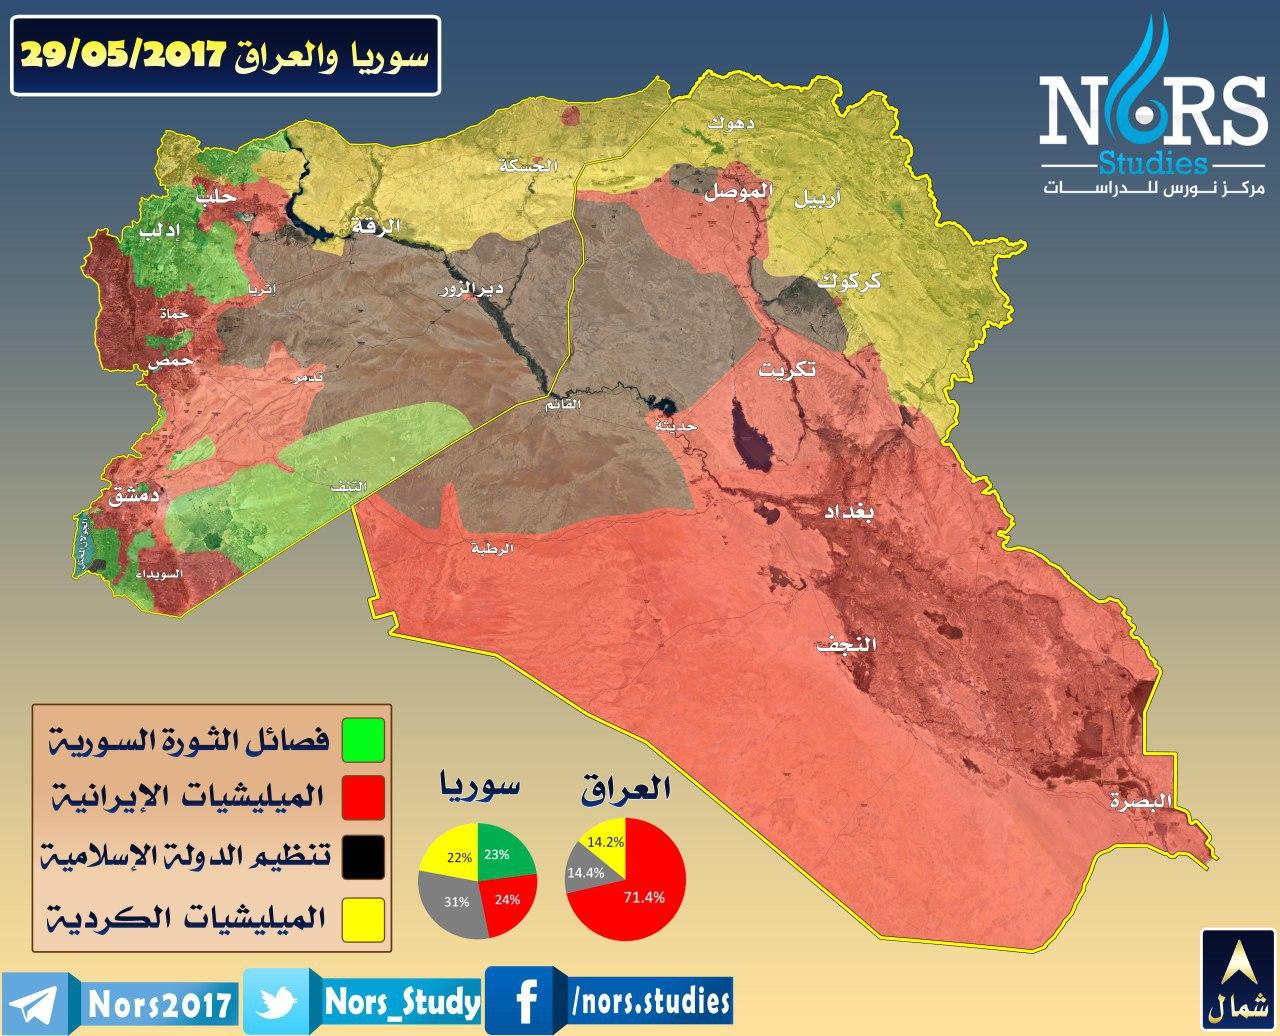 خريطة السيطرة في سوريا والعراق - 29 أيار 2017 (مركز نورس للدراسات)